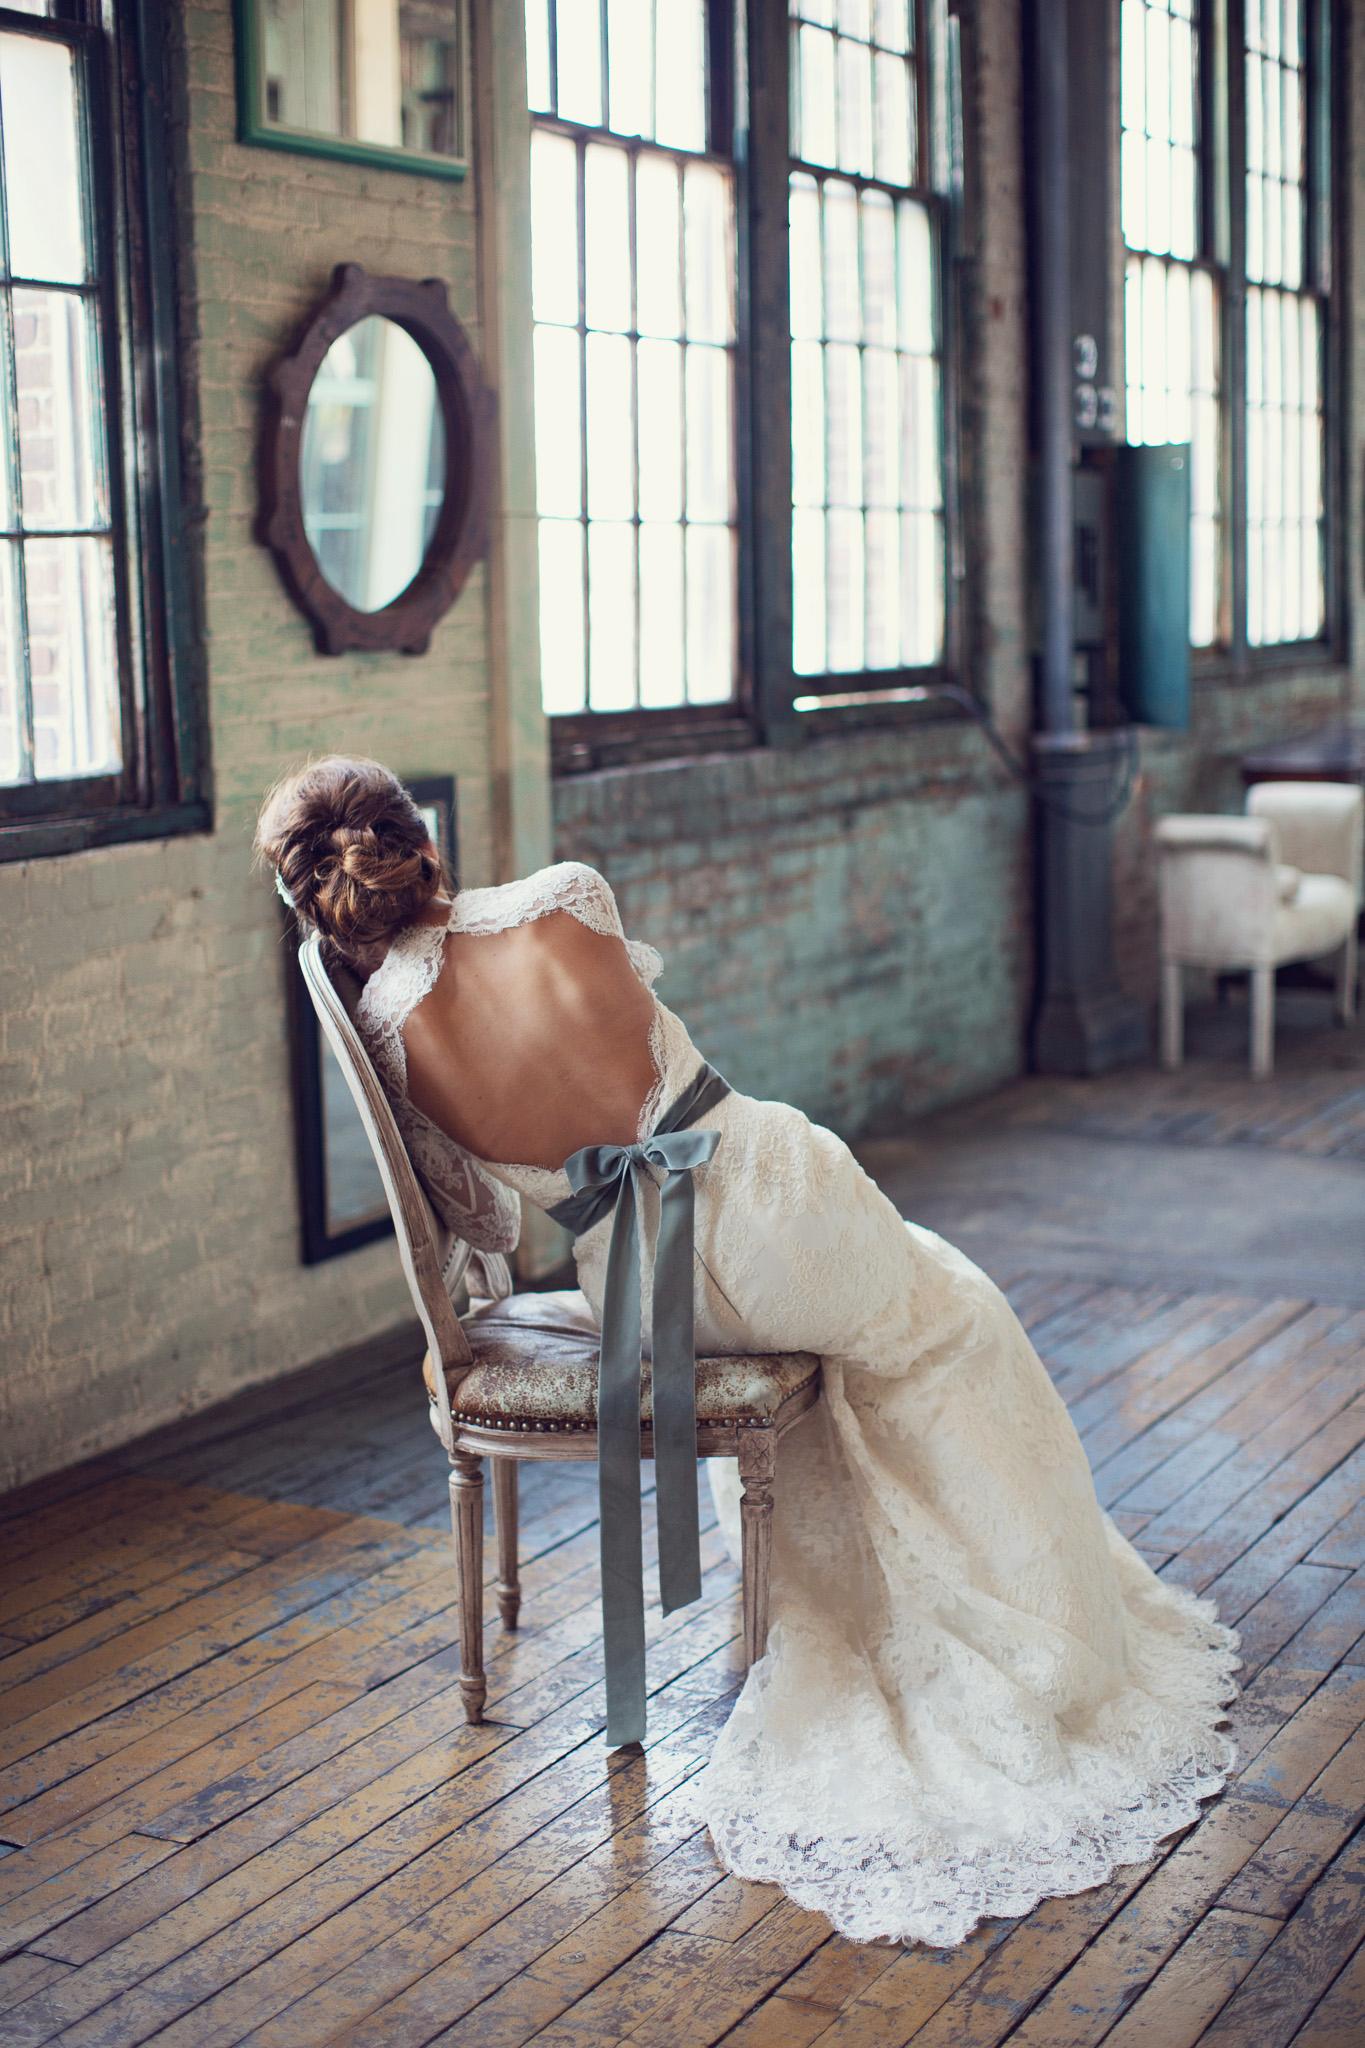 backless-wedding-dress-green-belt-metropolitan-building